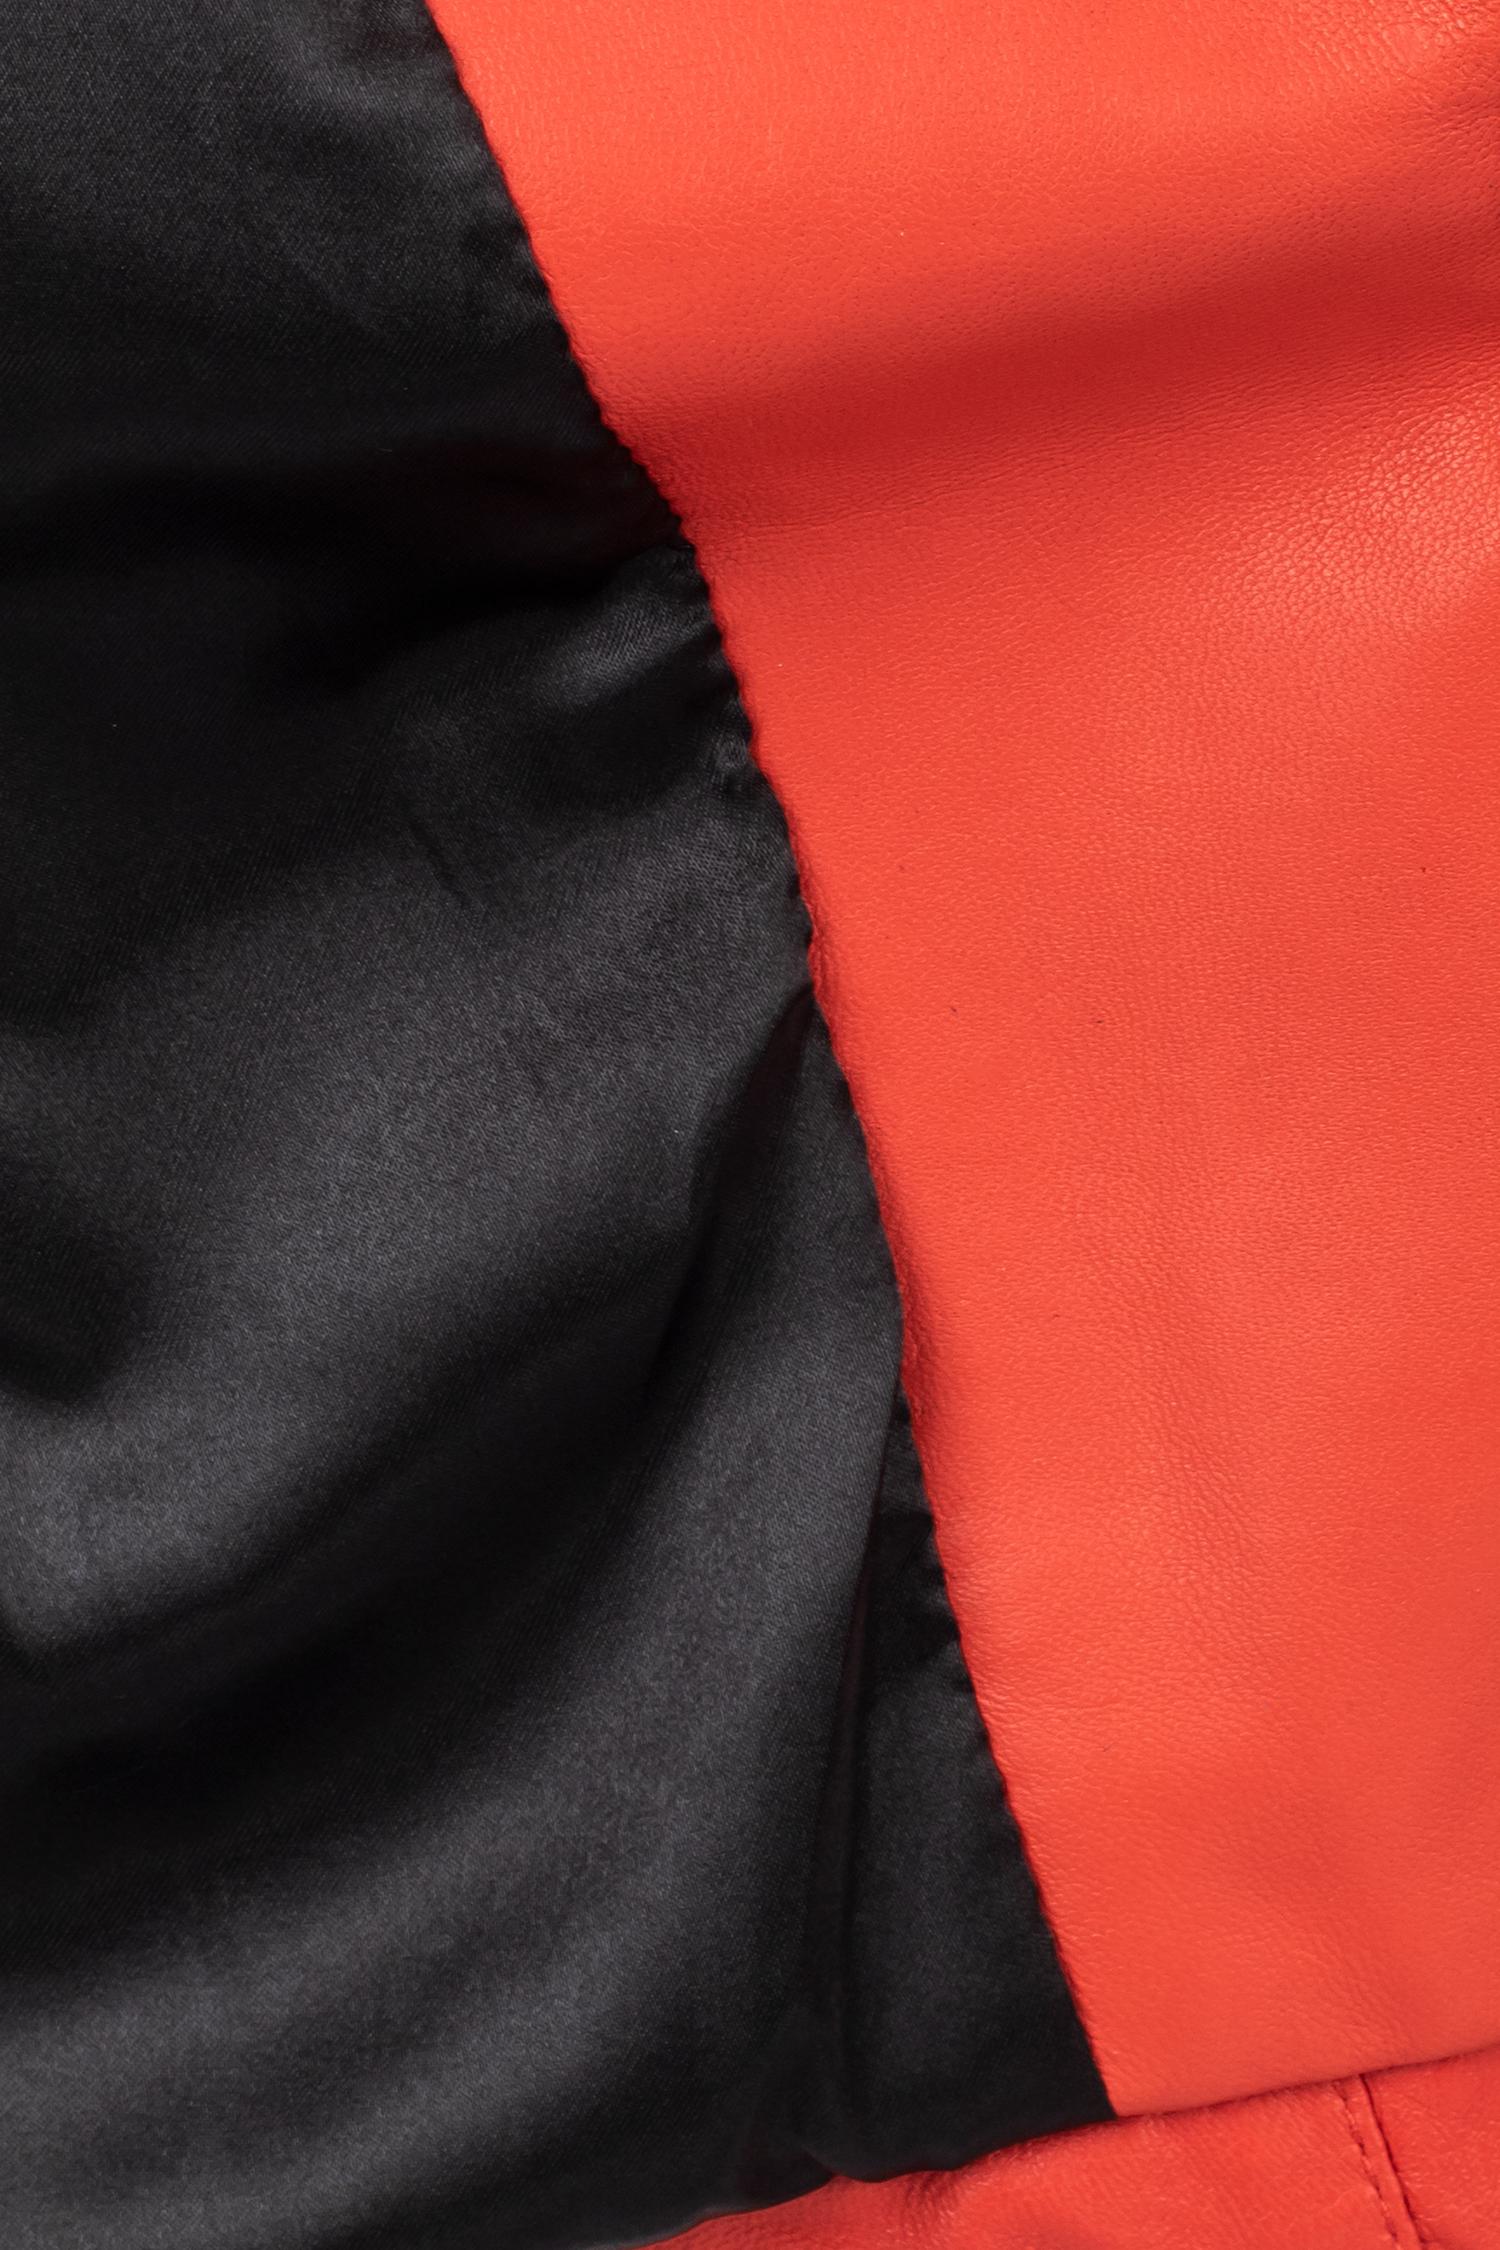 Фото 4 - Женская кожаная куртка из натуральной кожи с капюшоном от МОСМЕХА красного цвета